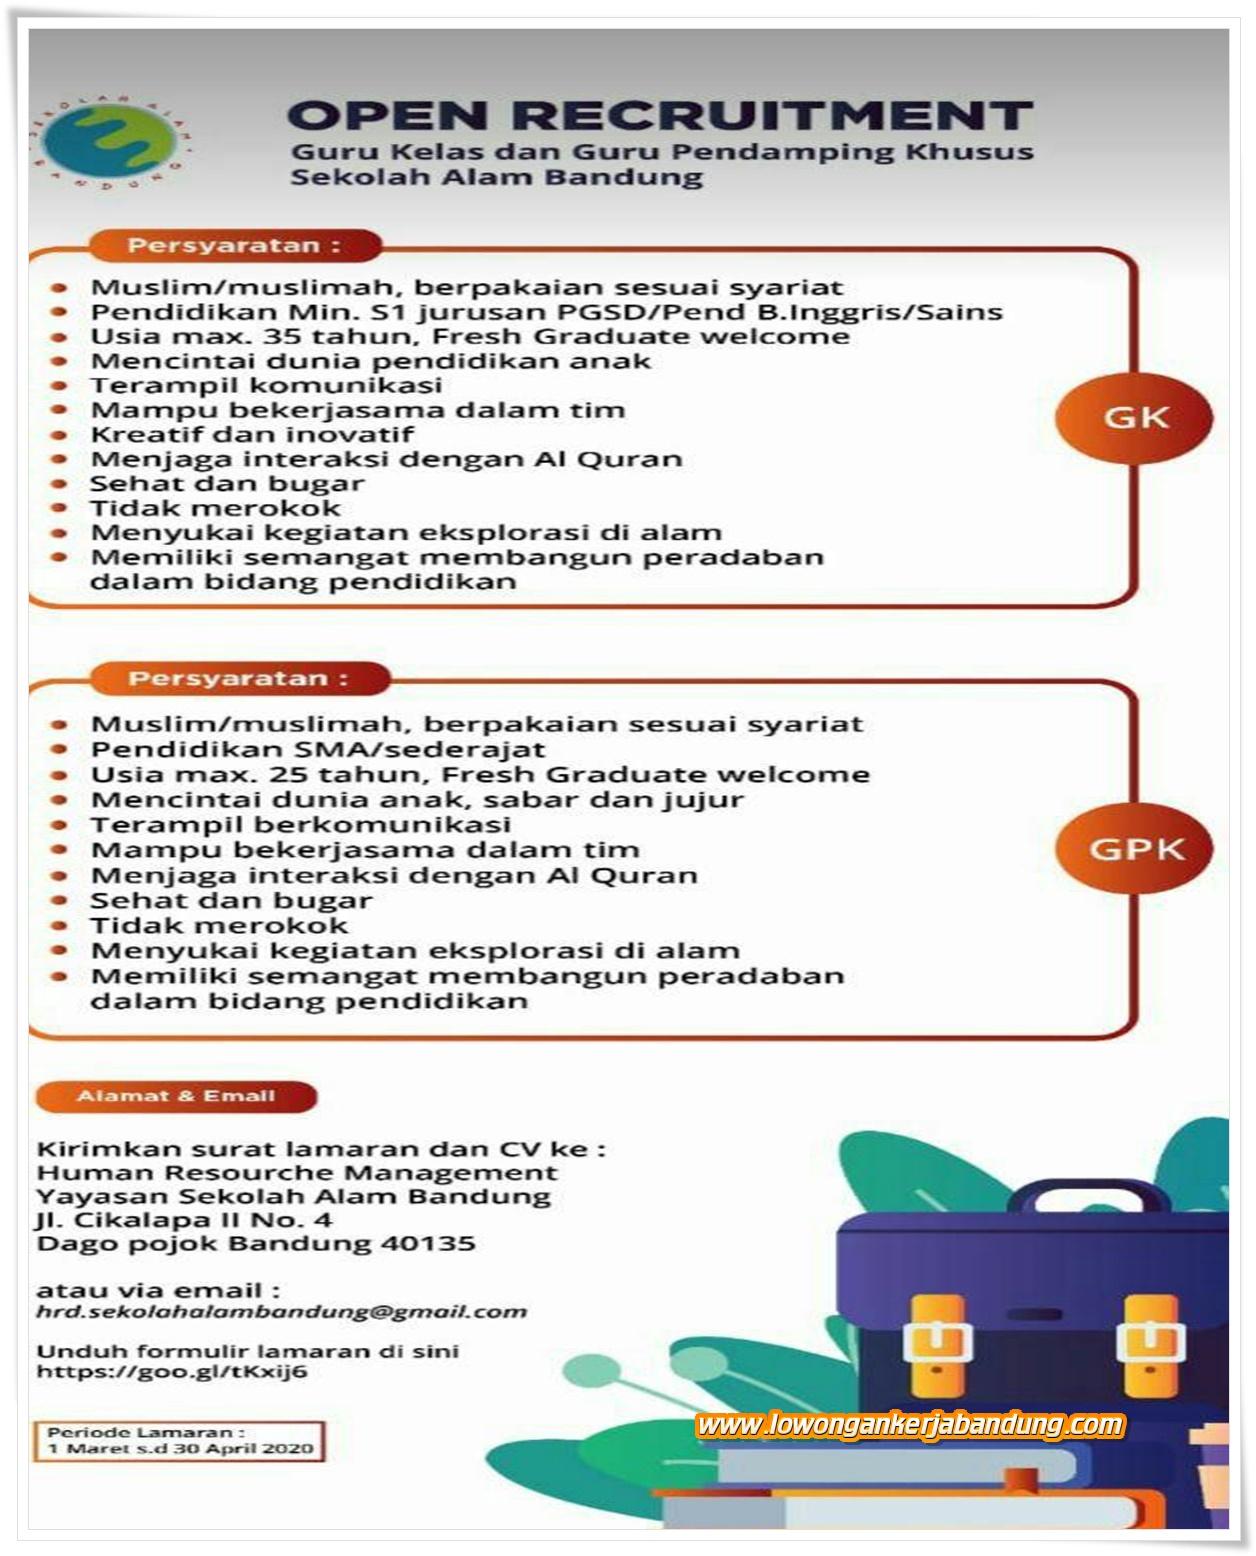 Lowongan Kerja Bandung Guru Sekolah Alam Bandung Lowongan Kerja Bandung Lowongankerjabandung Com